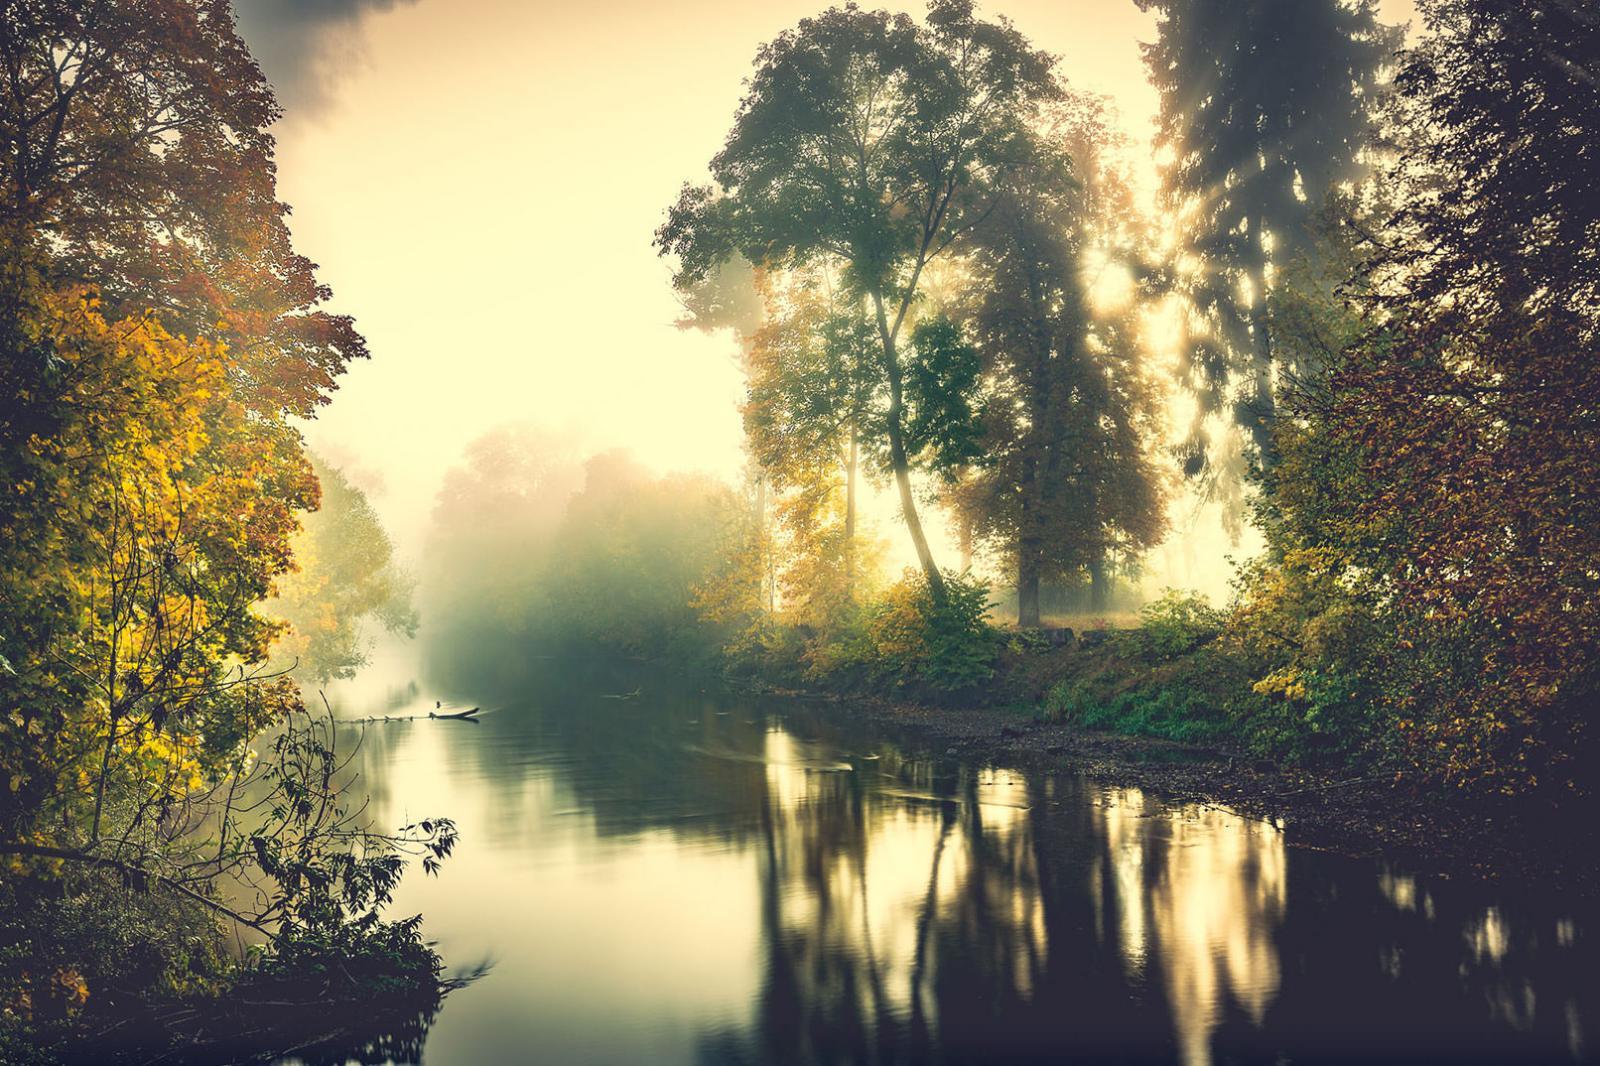 Herbst-Fotografie, Fotoshooting Nebel und Fluss